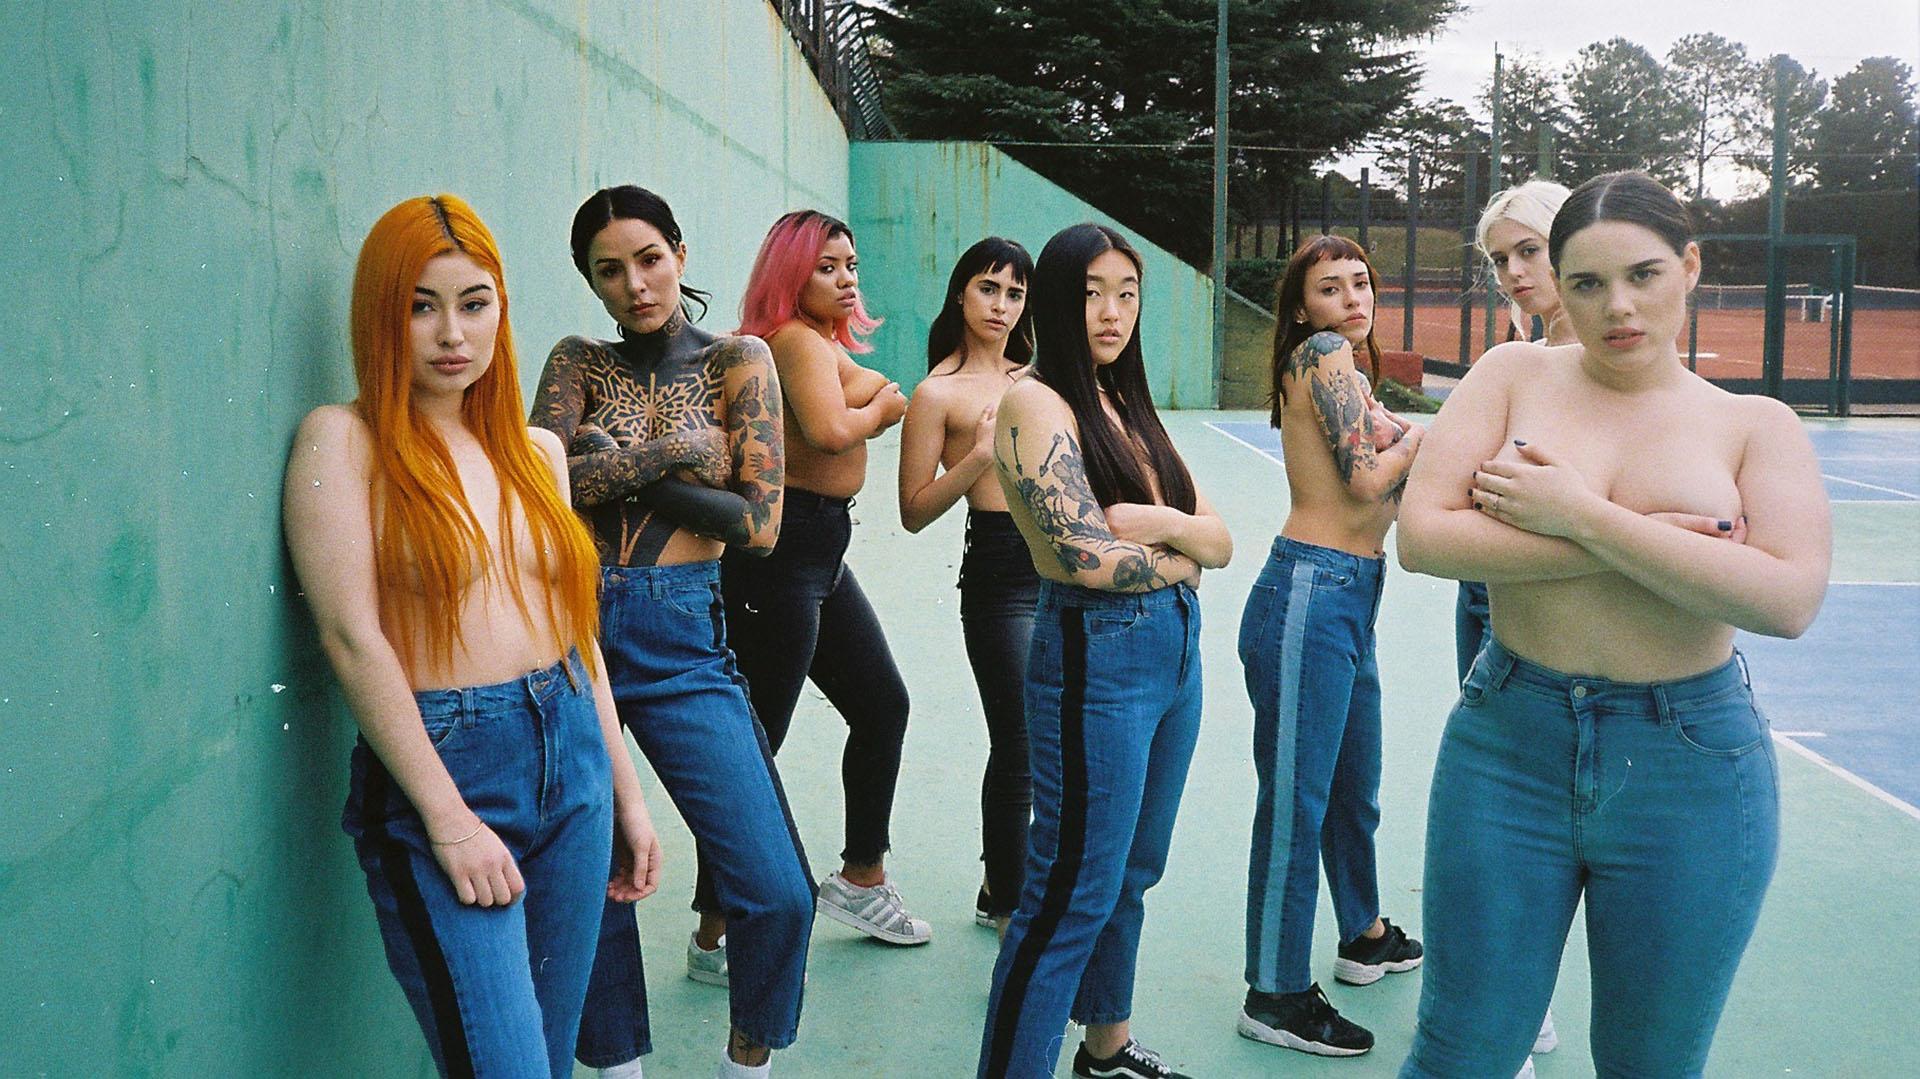 Esta colección reafirma el espíritu inclusivo y diverso de la marca, un lema que defiende la it girl